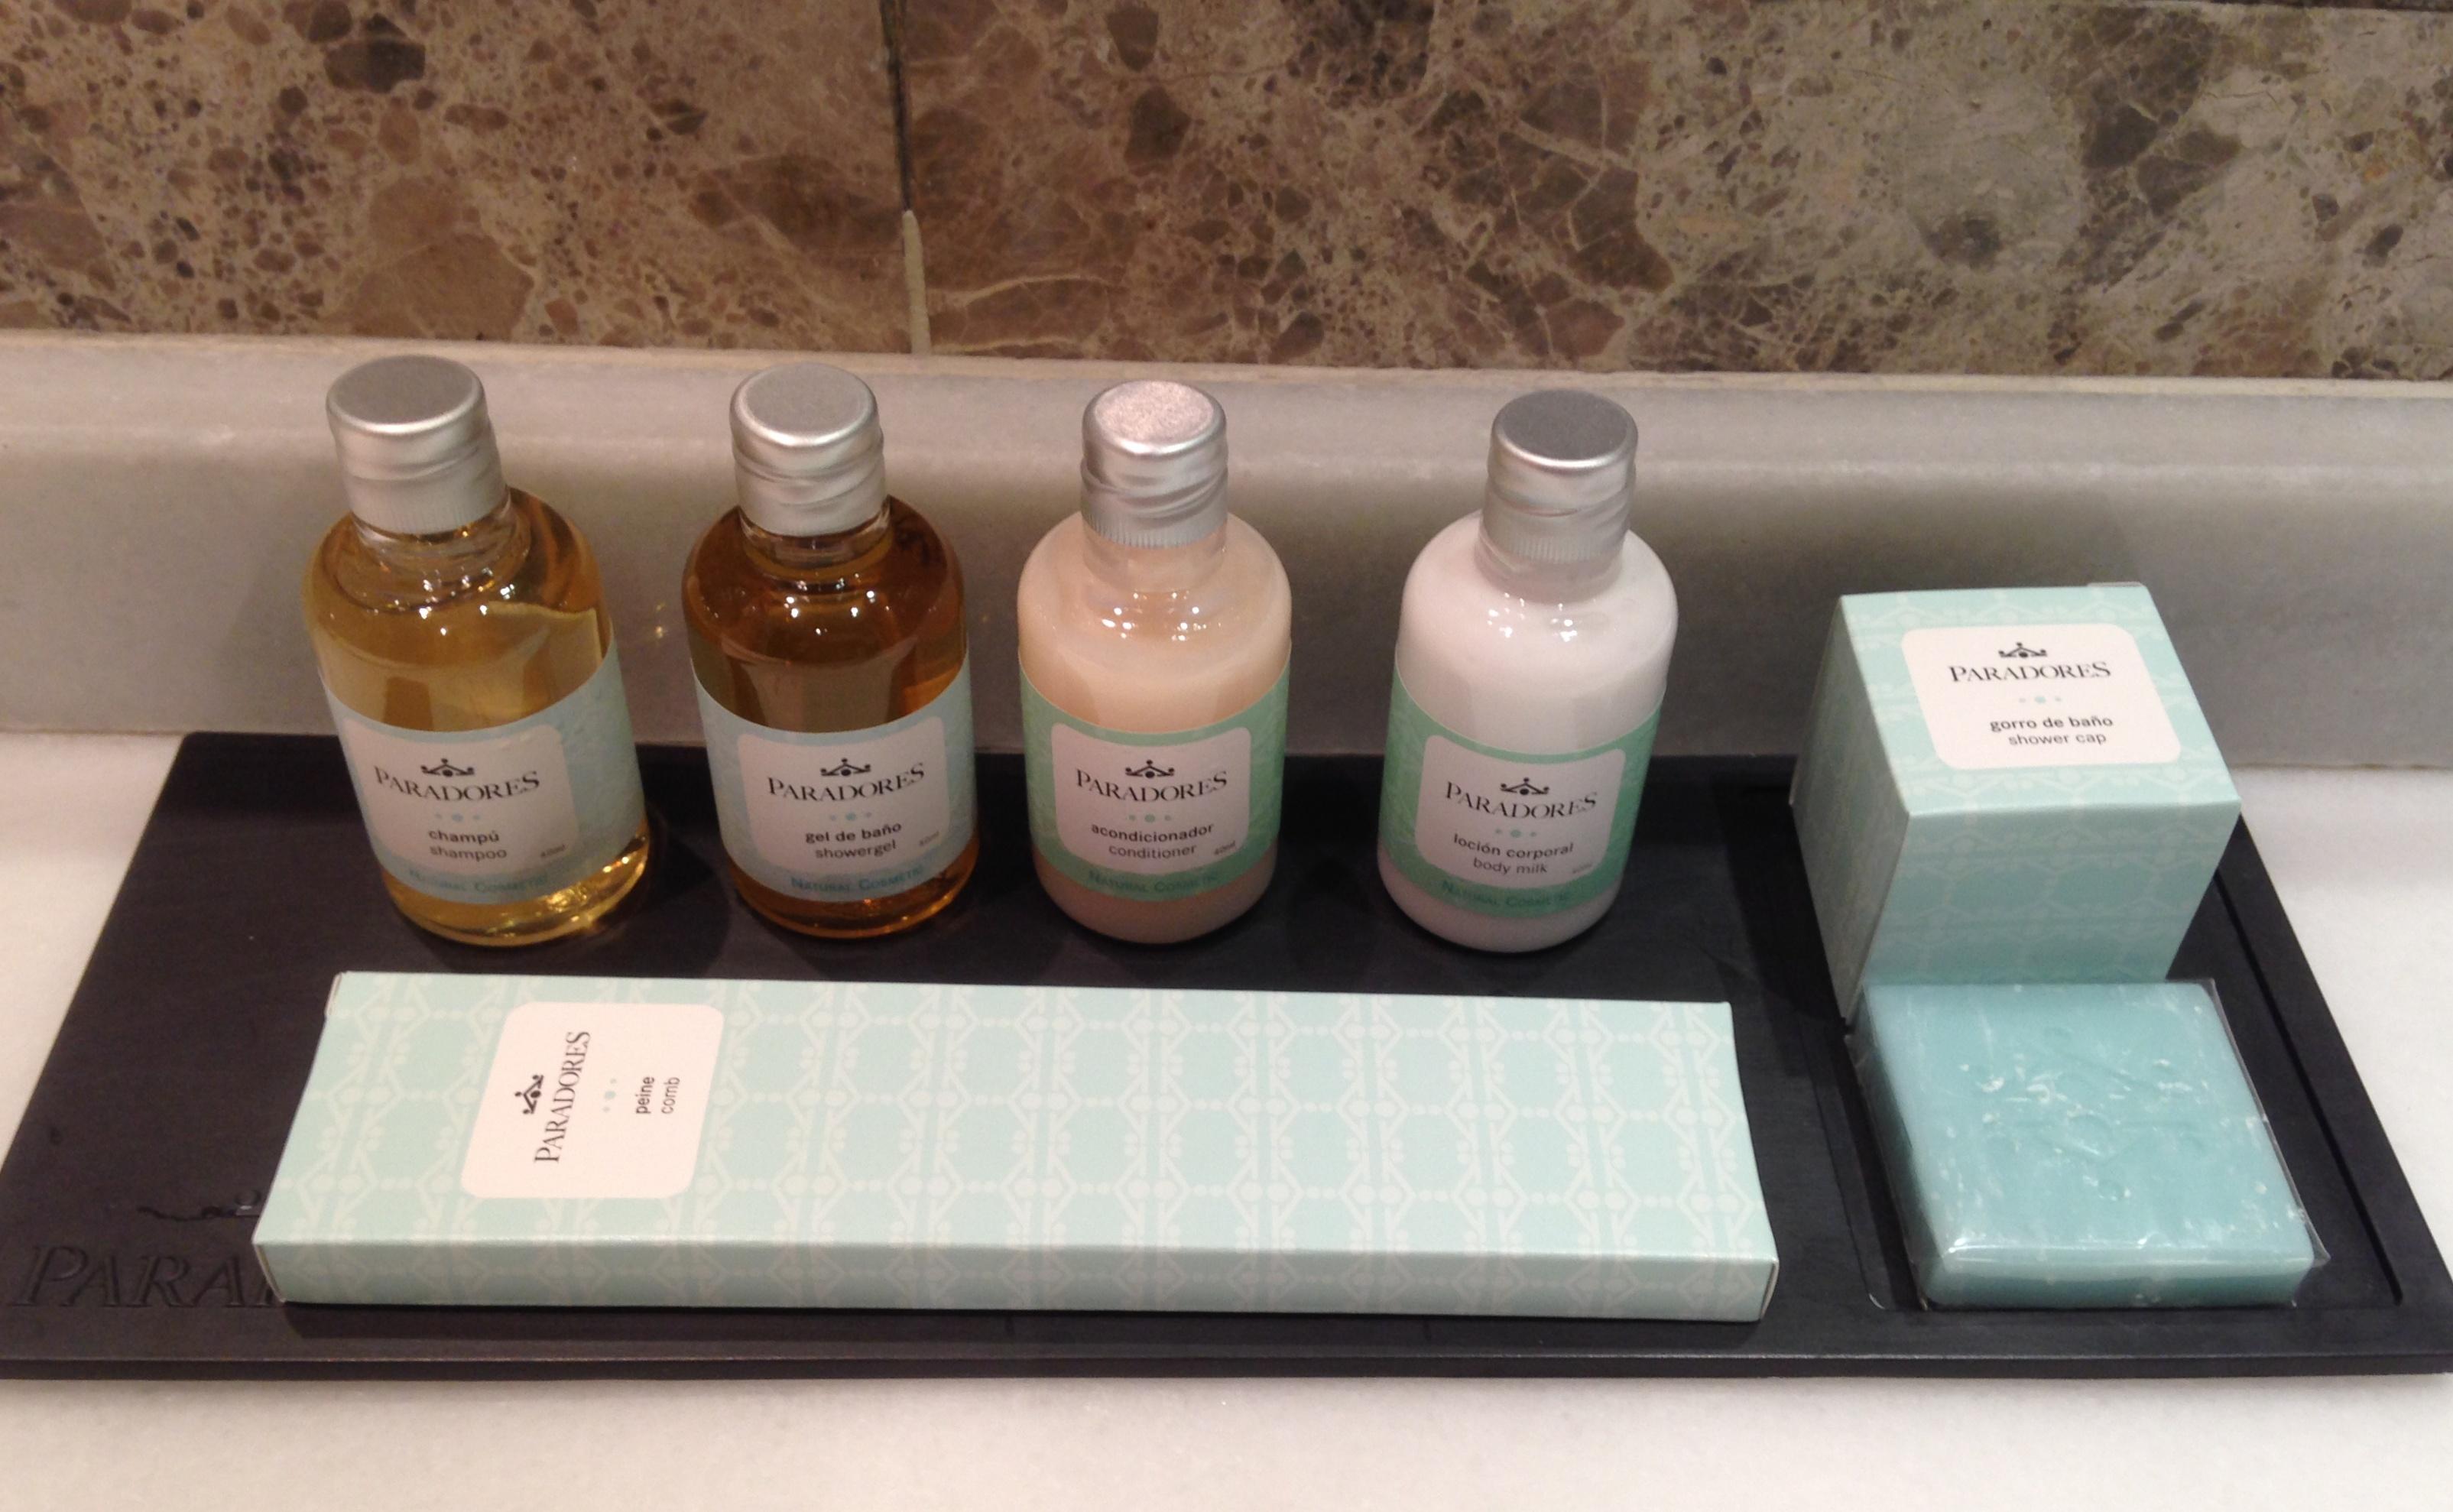 Qu amenities esperas encontrar en el ba o de tu cuarto de hotel la pregunta de la semana - Amenities en el bano ...